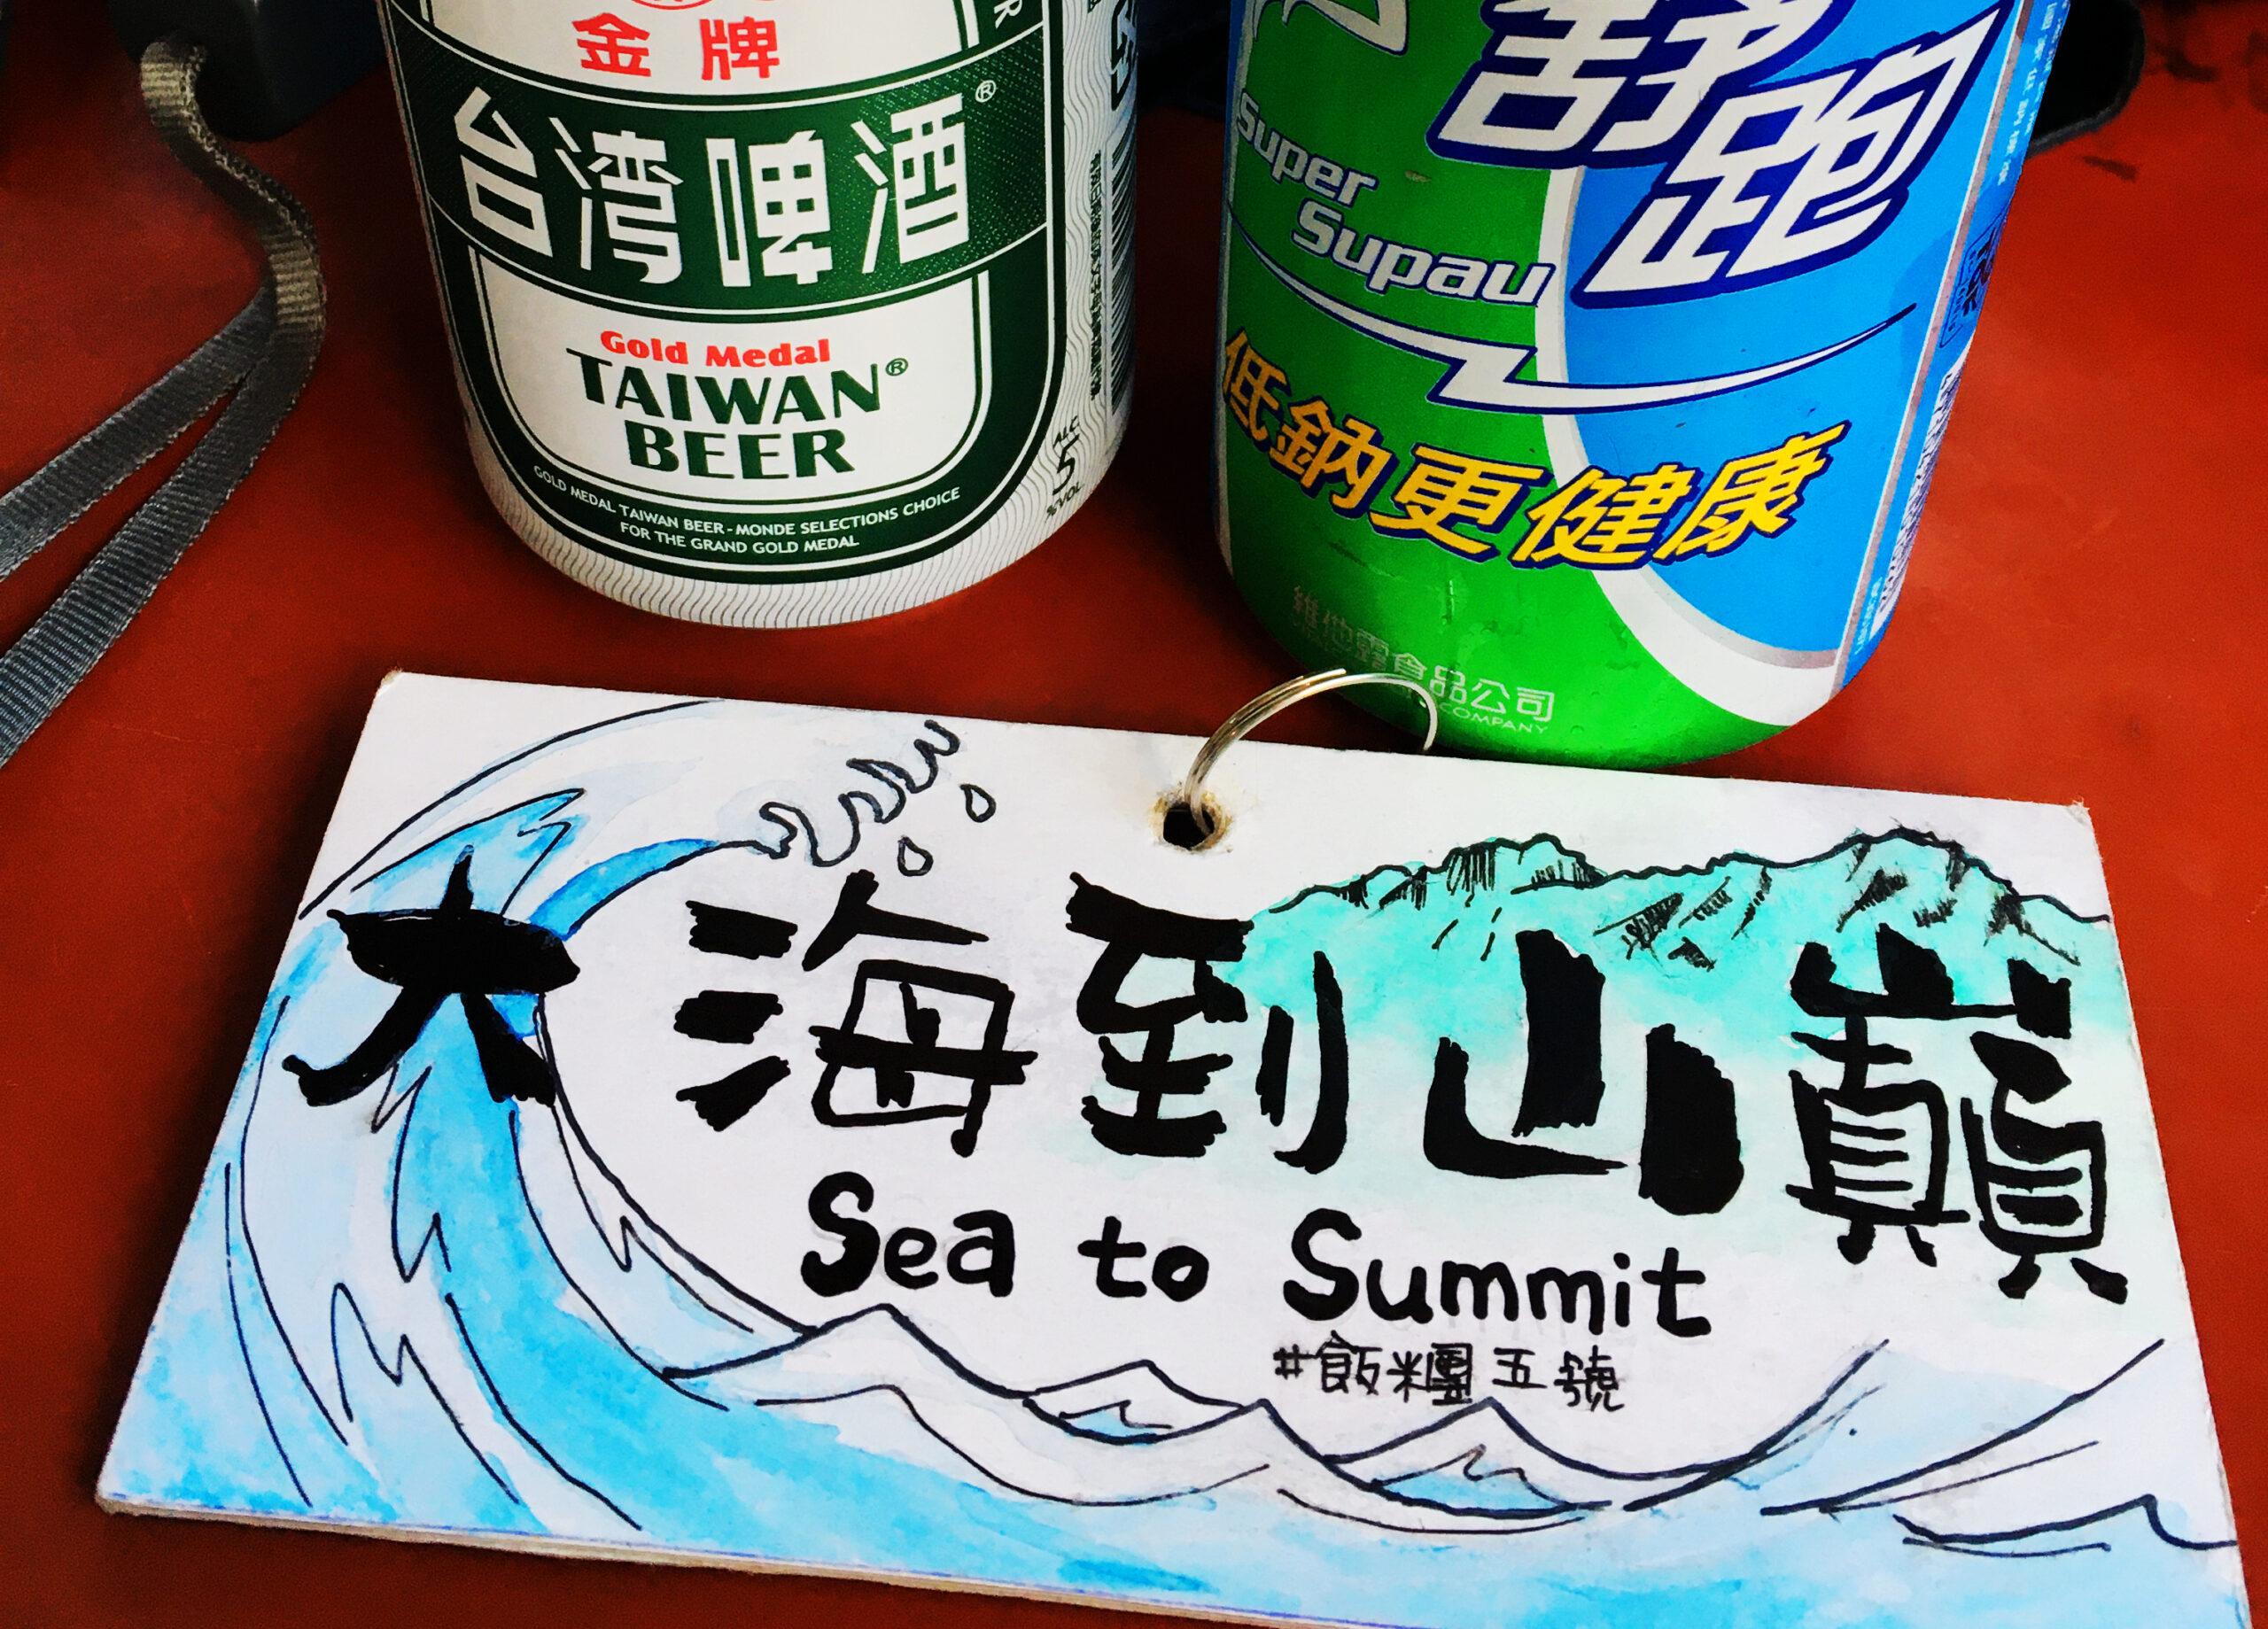 [山海圳D4]茶山到山美,只要啤酒陪,不要被狗追。